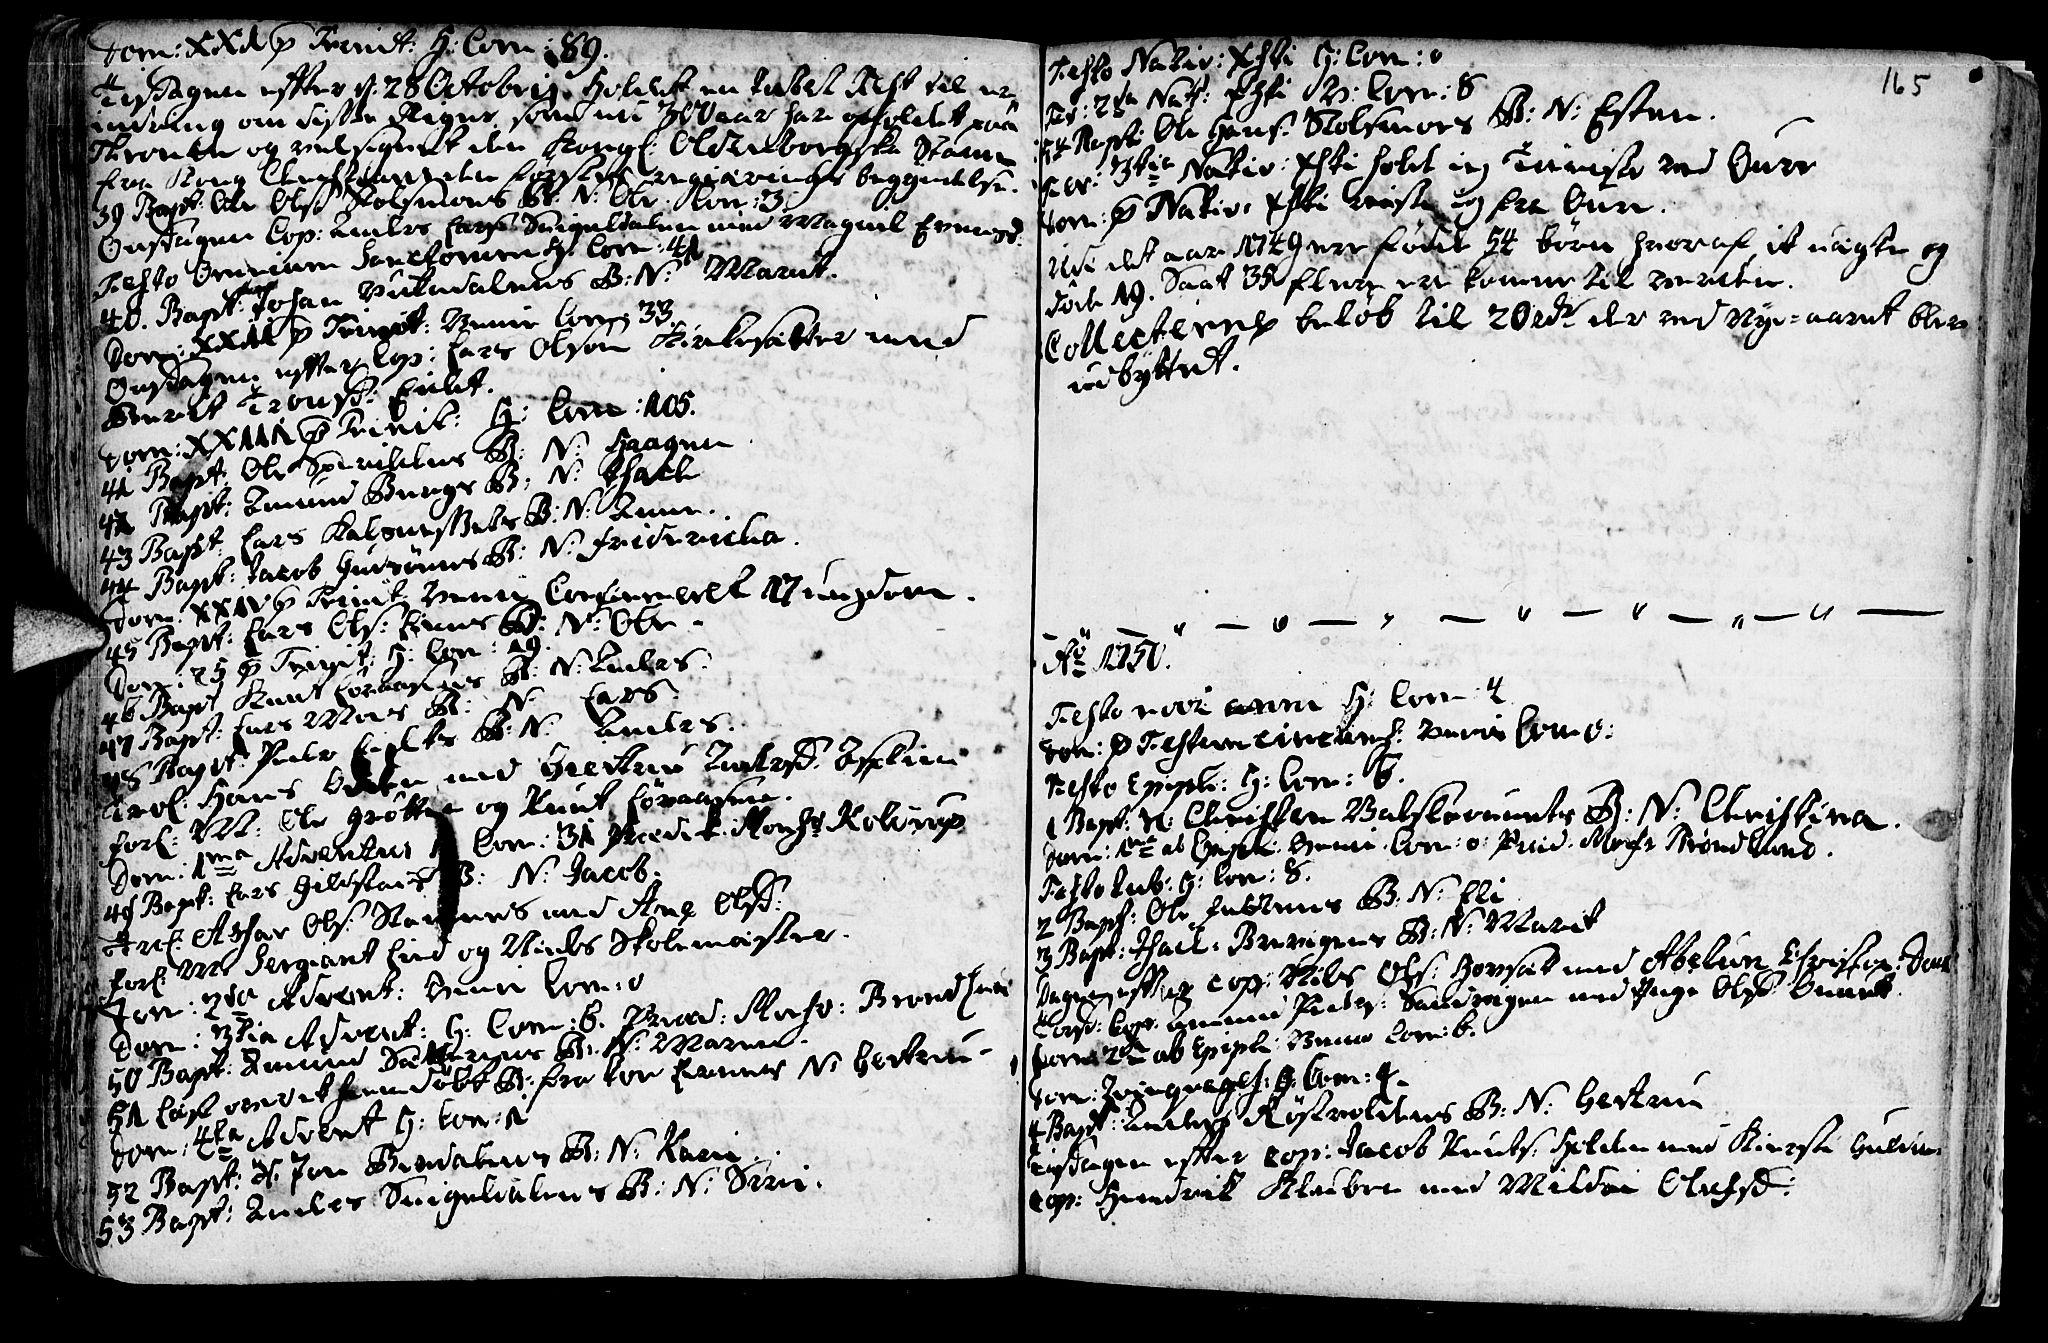 SAT, Ministerialprotokoller, klokkerbøker og fødselsregistre - Sør-Trøndelag, 630/L0488: Ministerialbok nr. 630A01, 1717-1756, s. 164-165